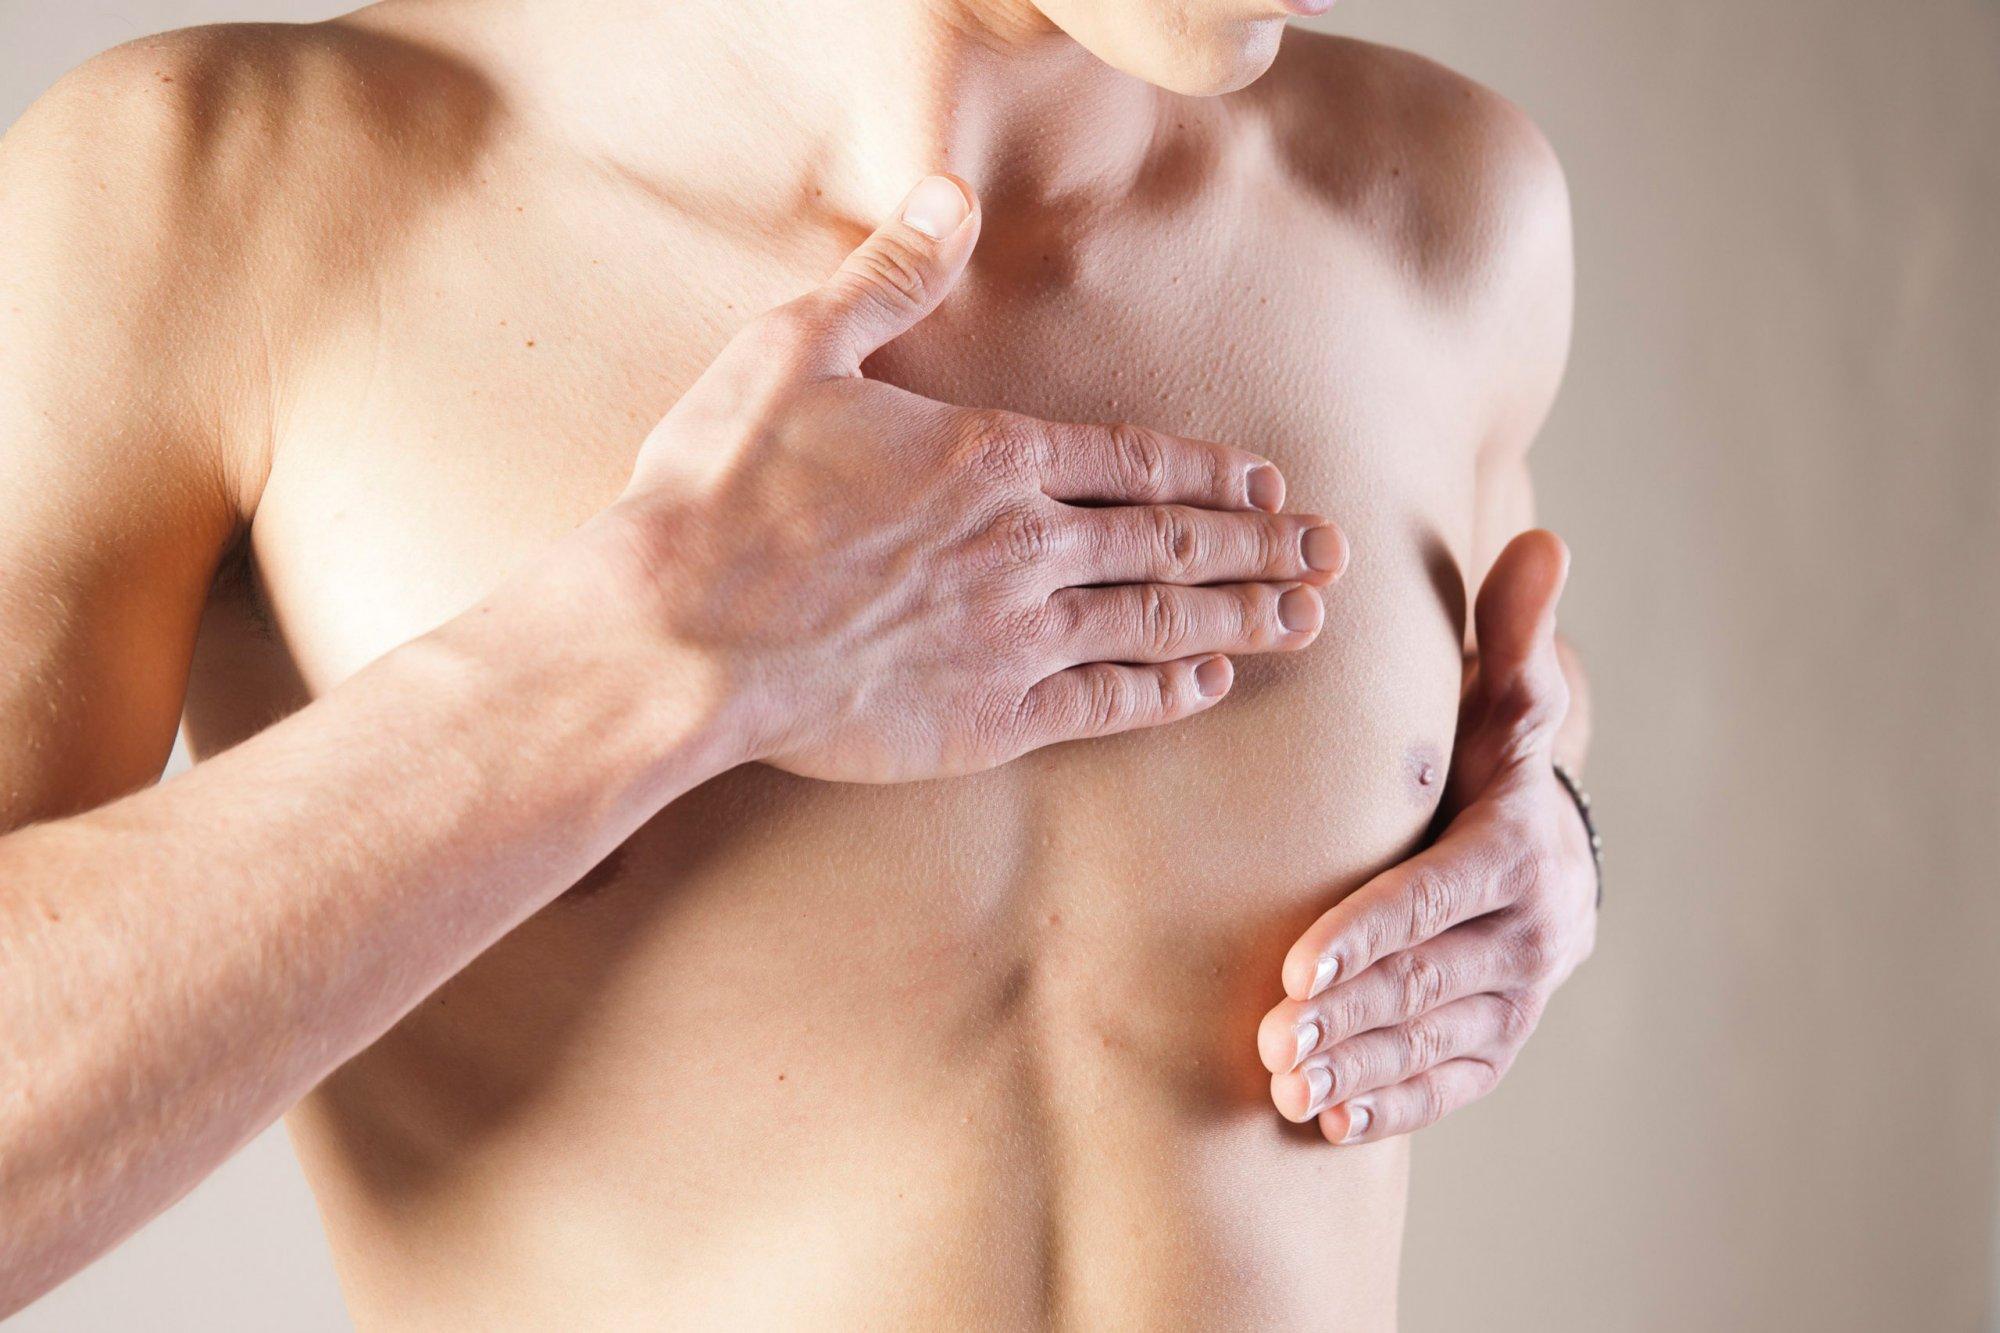 Фото здоровой груди и сосков 9 фотография